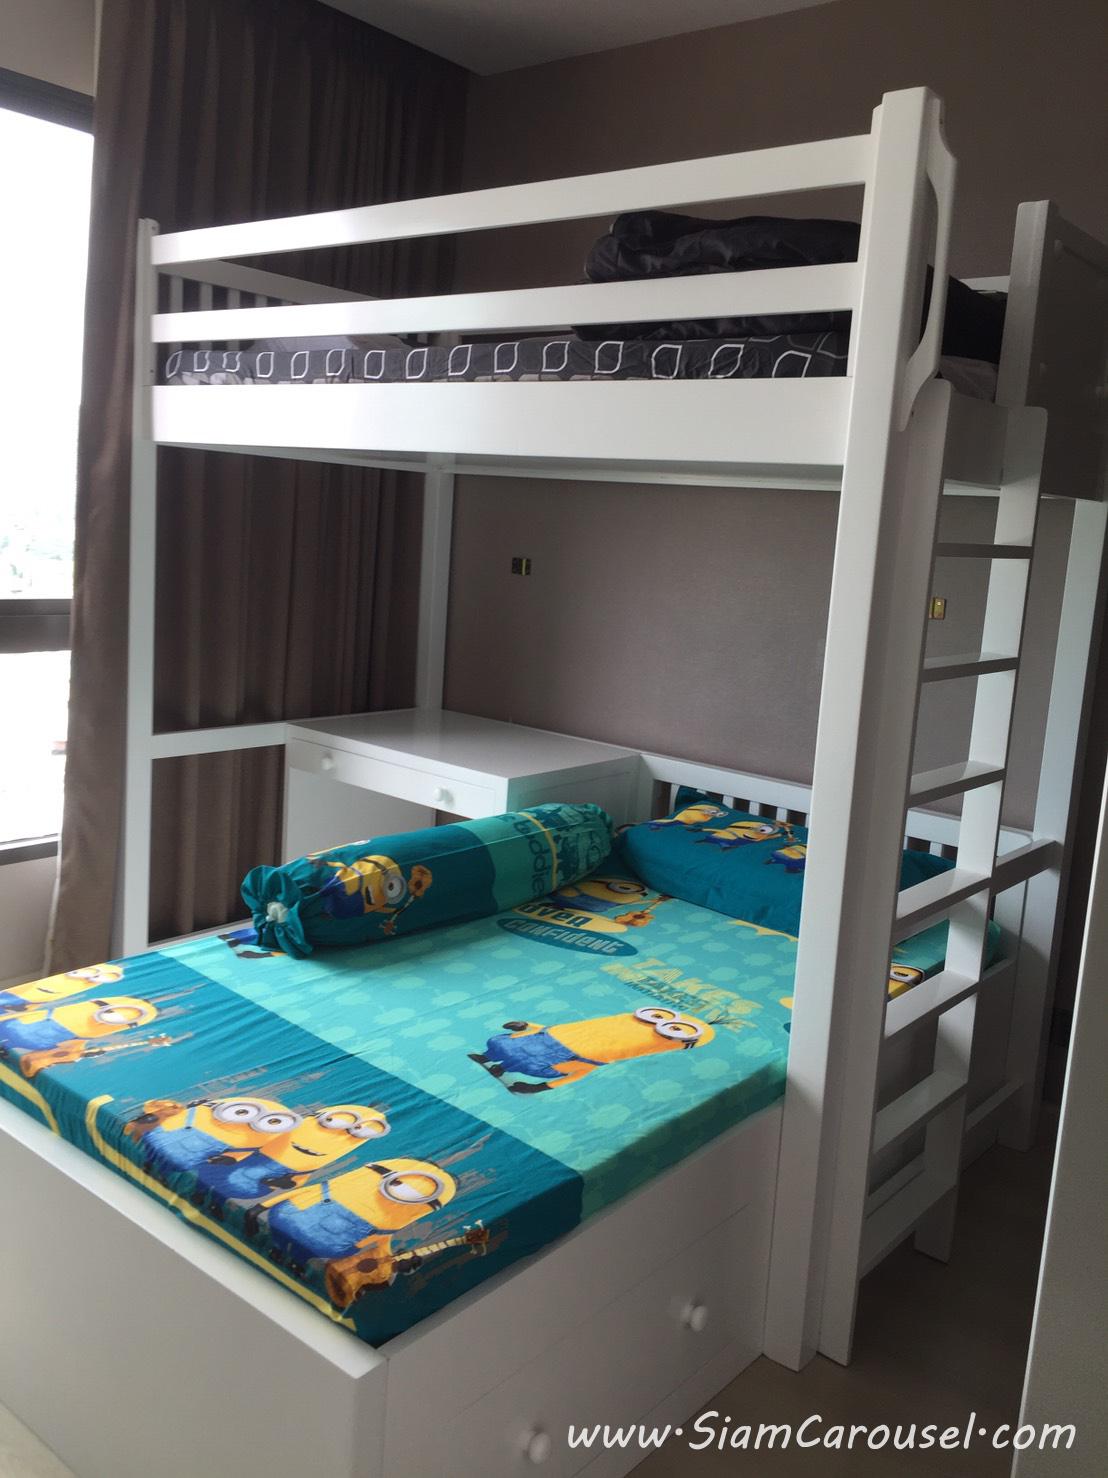 เตียง 2 ชั้น ตัวแอล มี 3 ลิ้นชักใต้เตียงตัวล่าง พร้อมโต๊ะเขียนหนังสือ ของคุณนก คอนโด Signature by Urbano BTS สะพานควาย